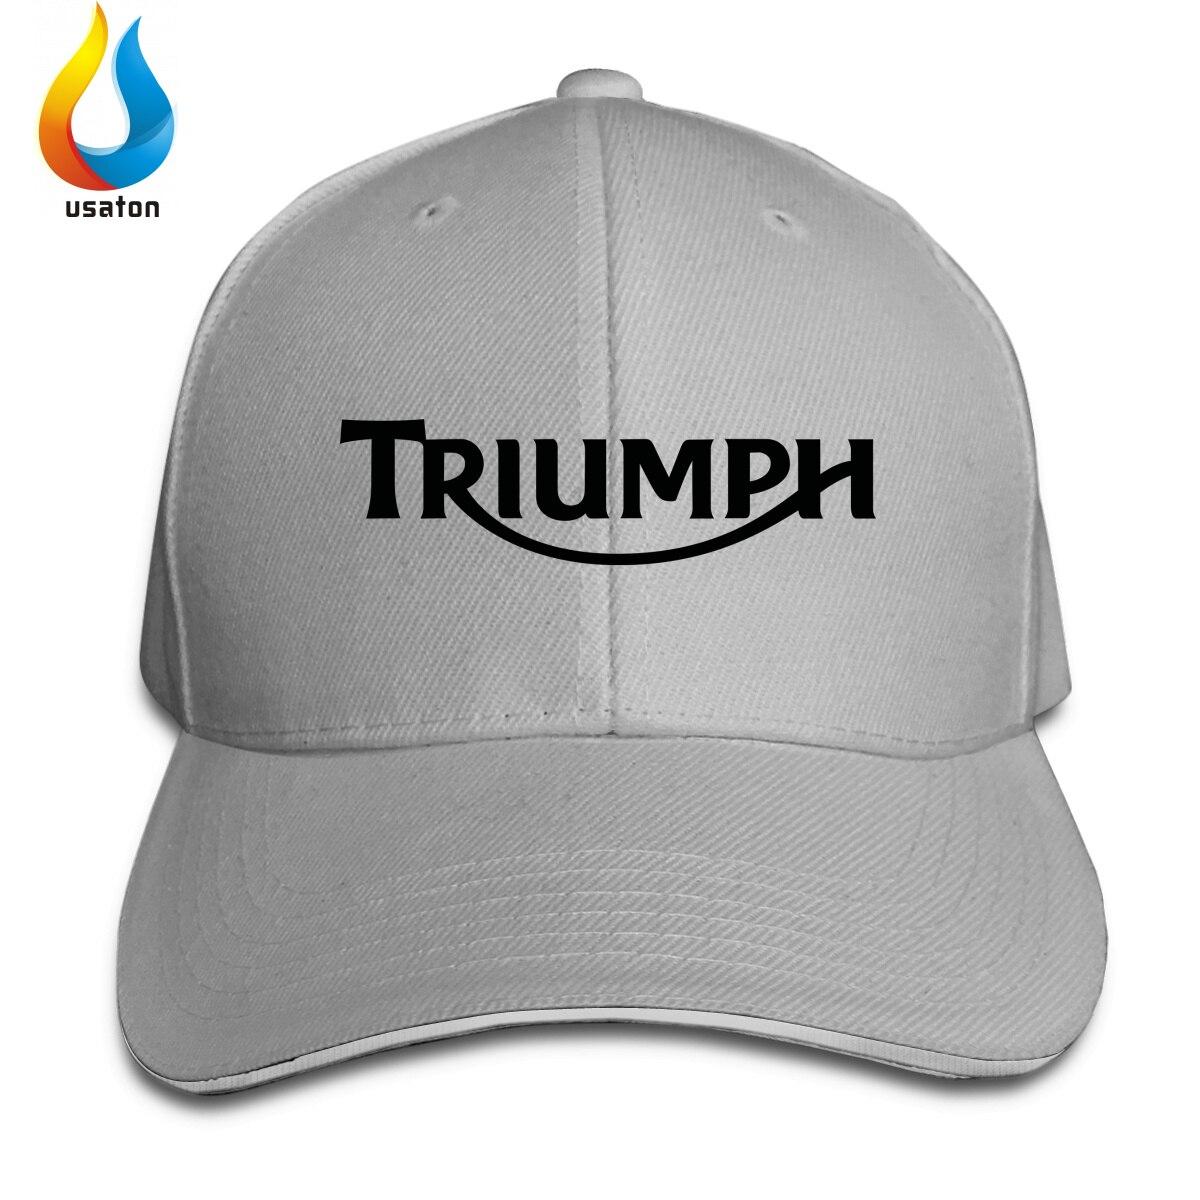 Бейсболка Triumph, Снэпбэк Кепка с логотипом мотоцикла, кепка, головной убор для мужчин, головные уборы на заказ